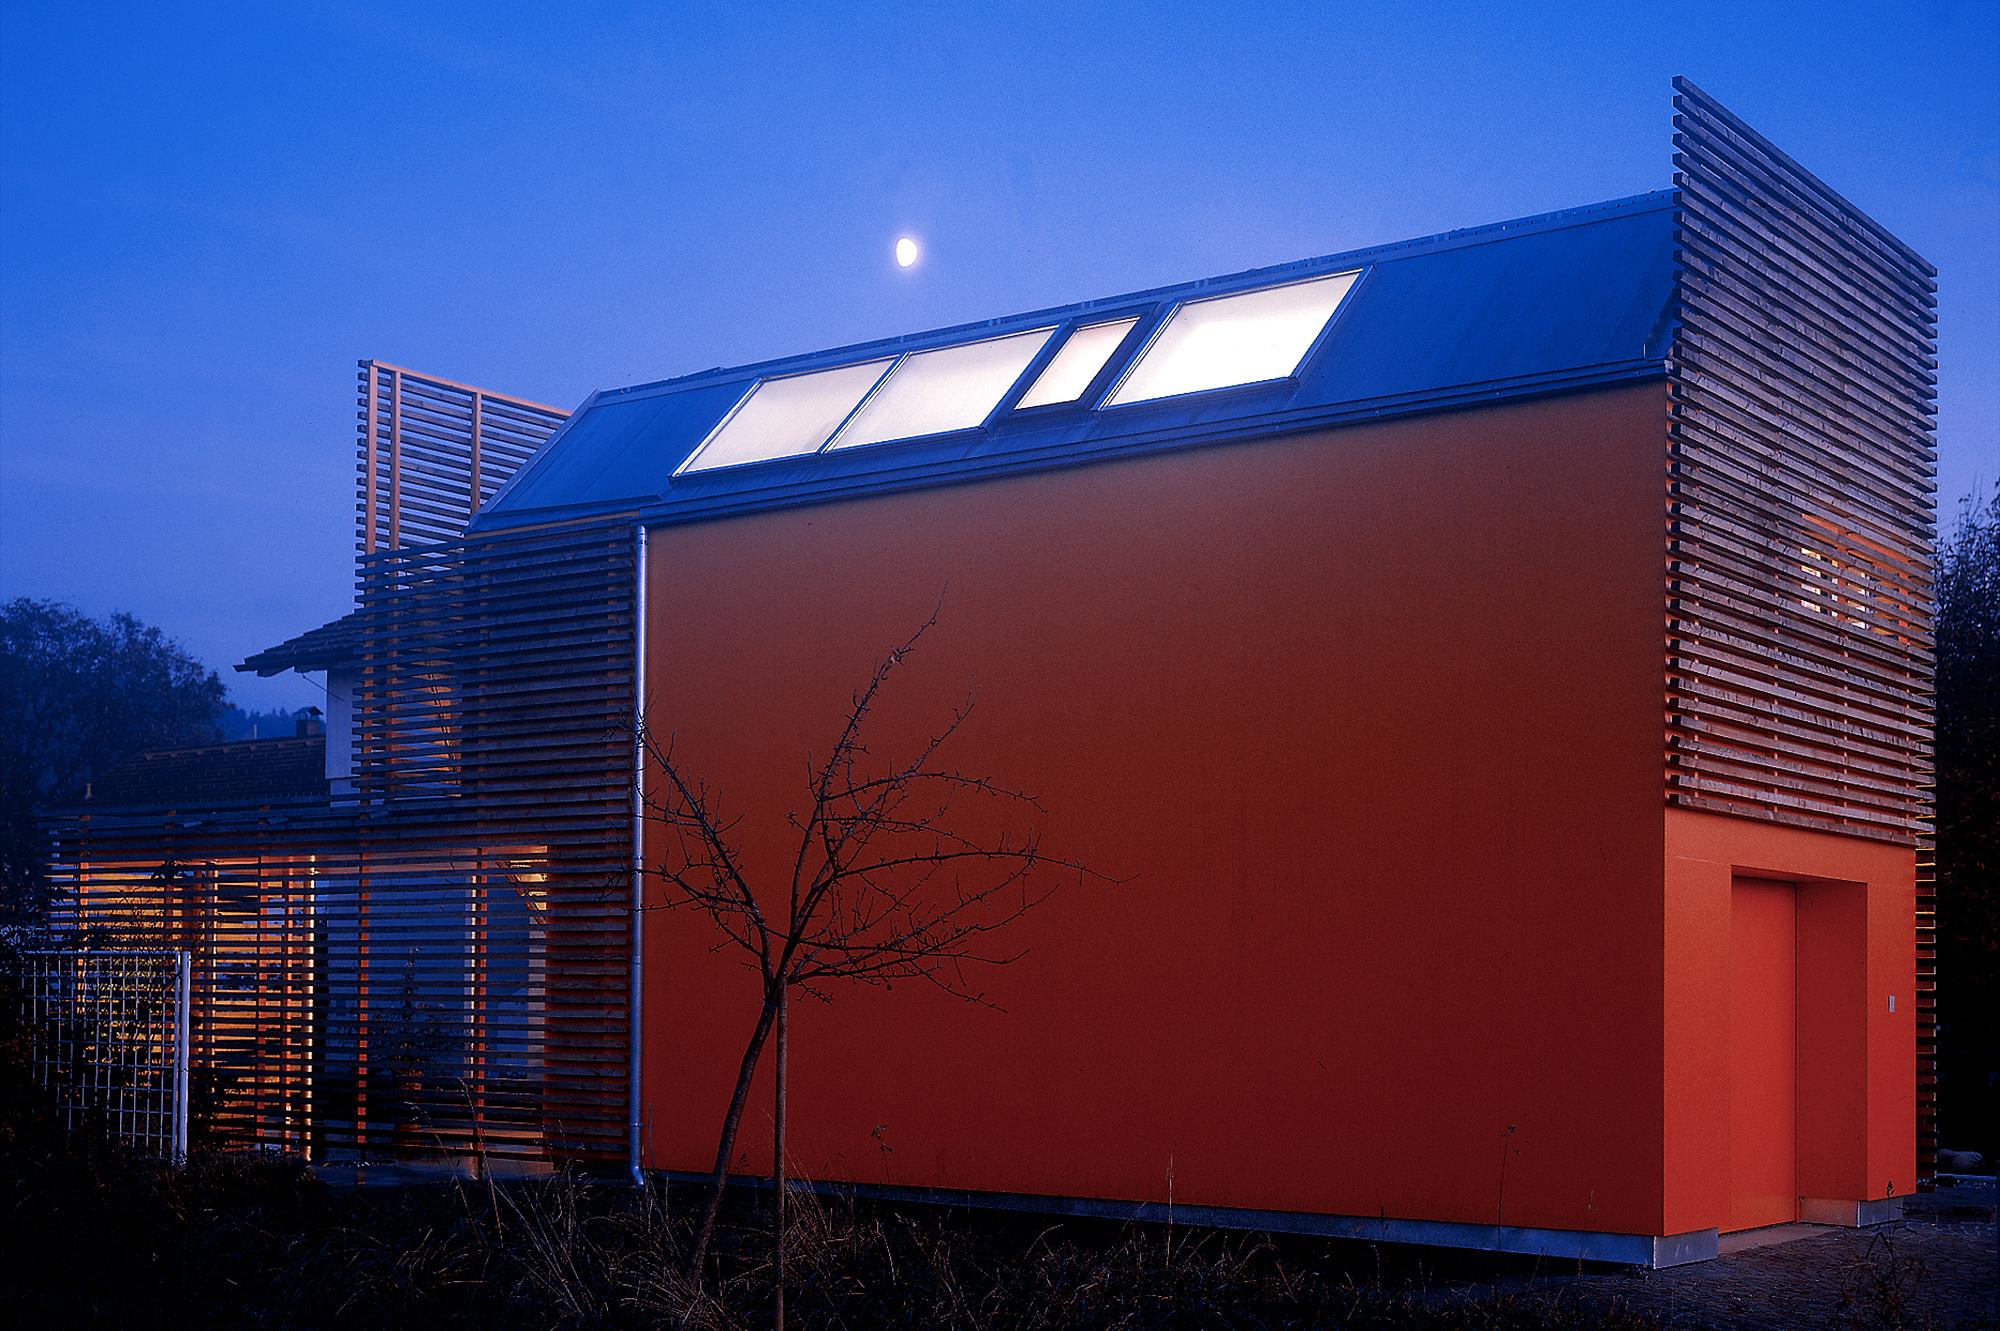 atelier_schmutzer_01_umbau_erweiterung_wolfurt_vorarlberg_junger_beer_architektur